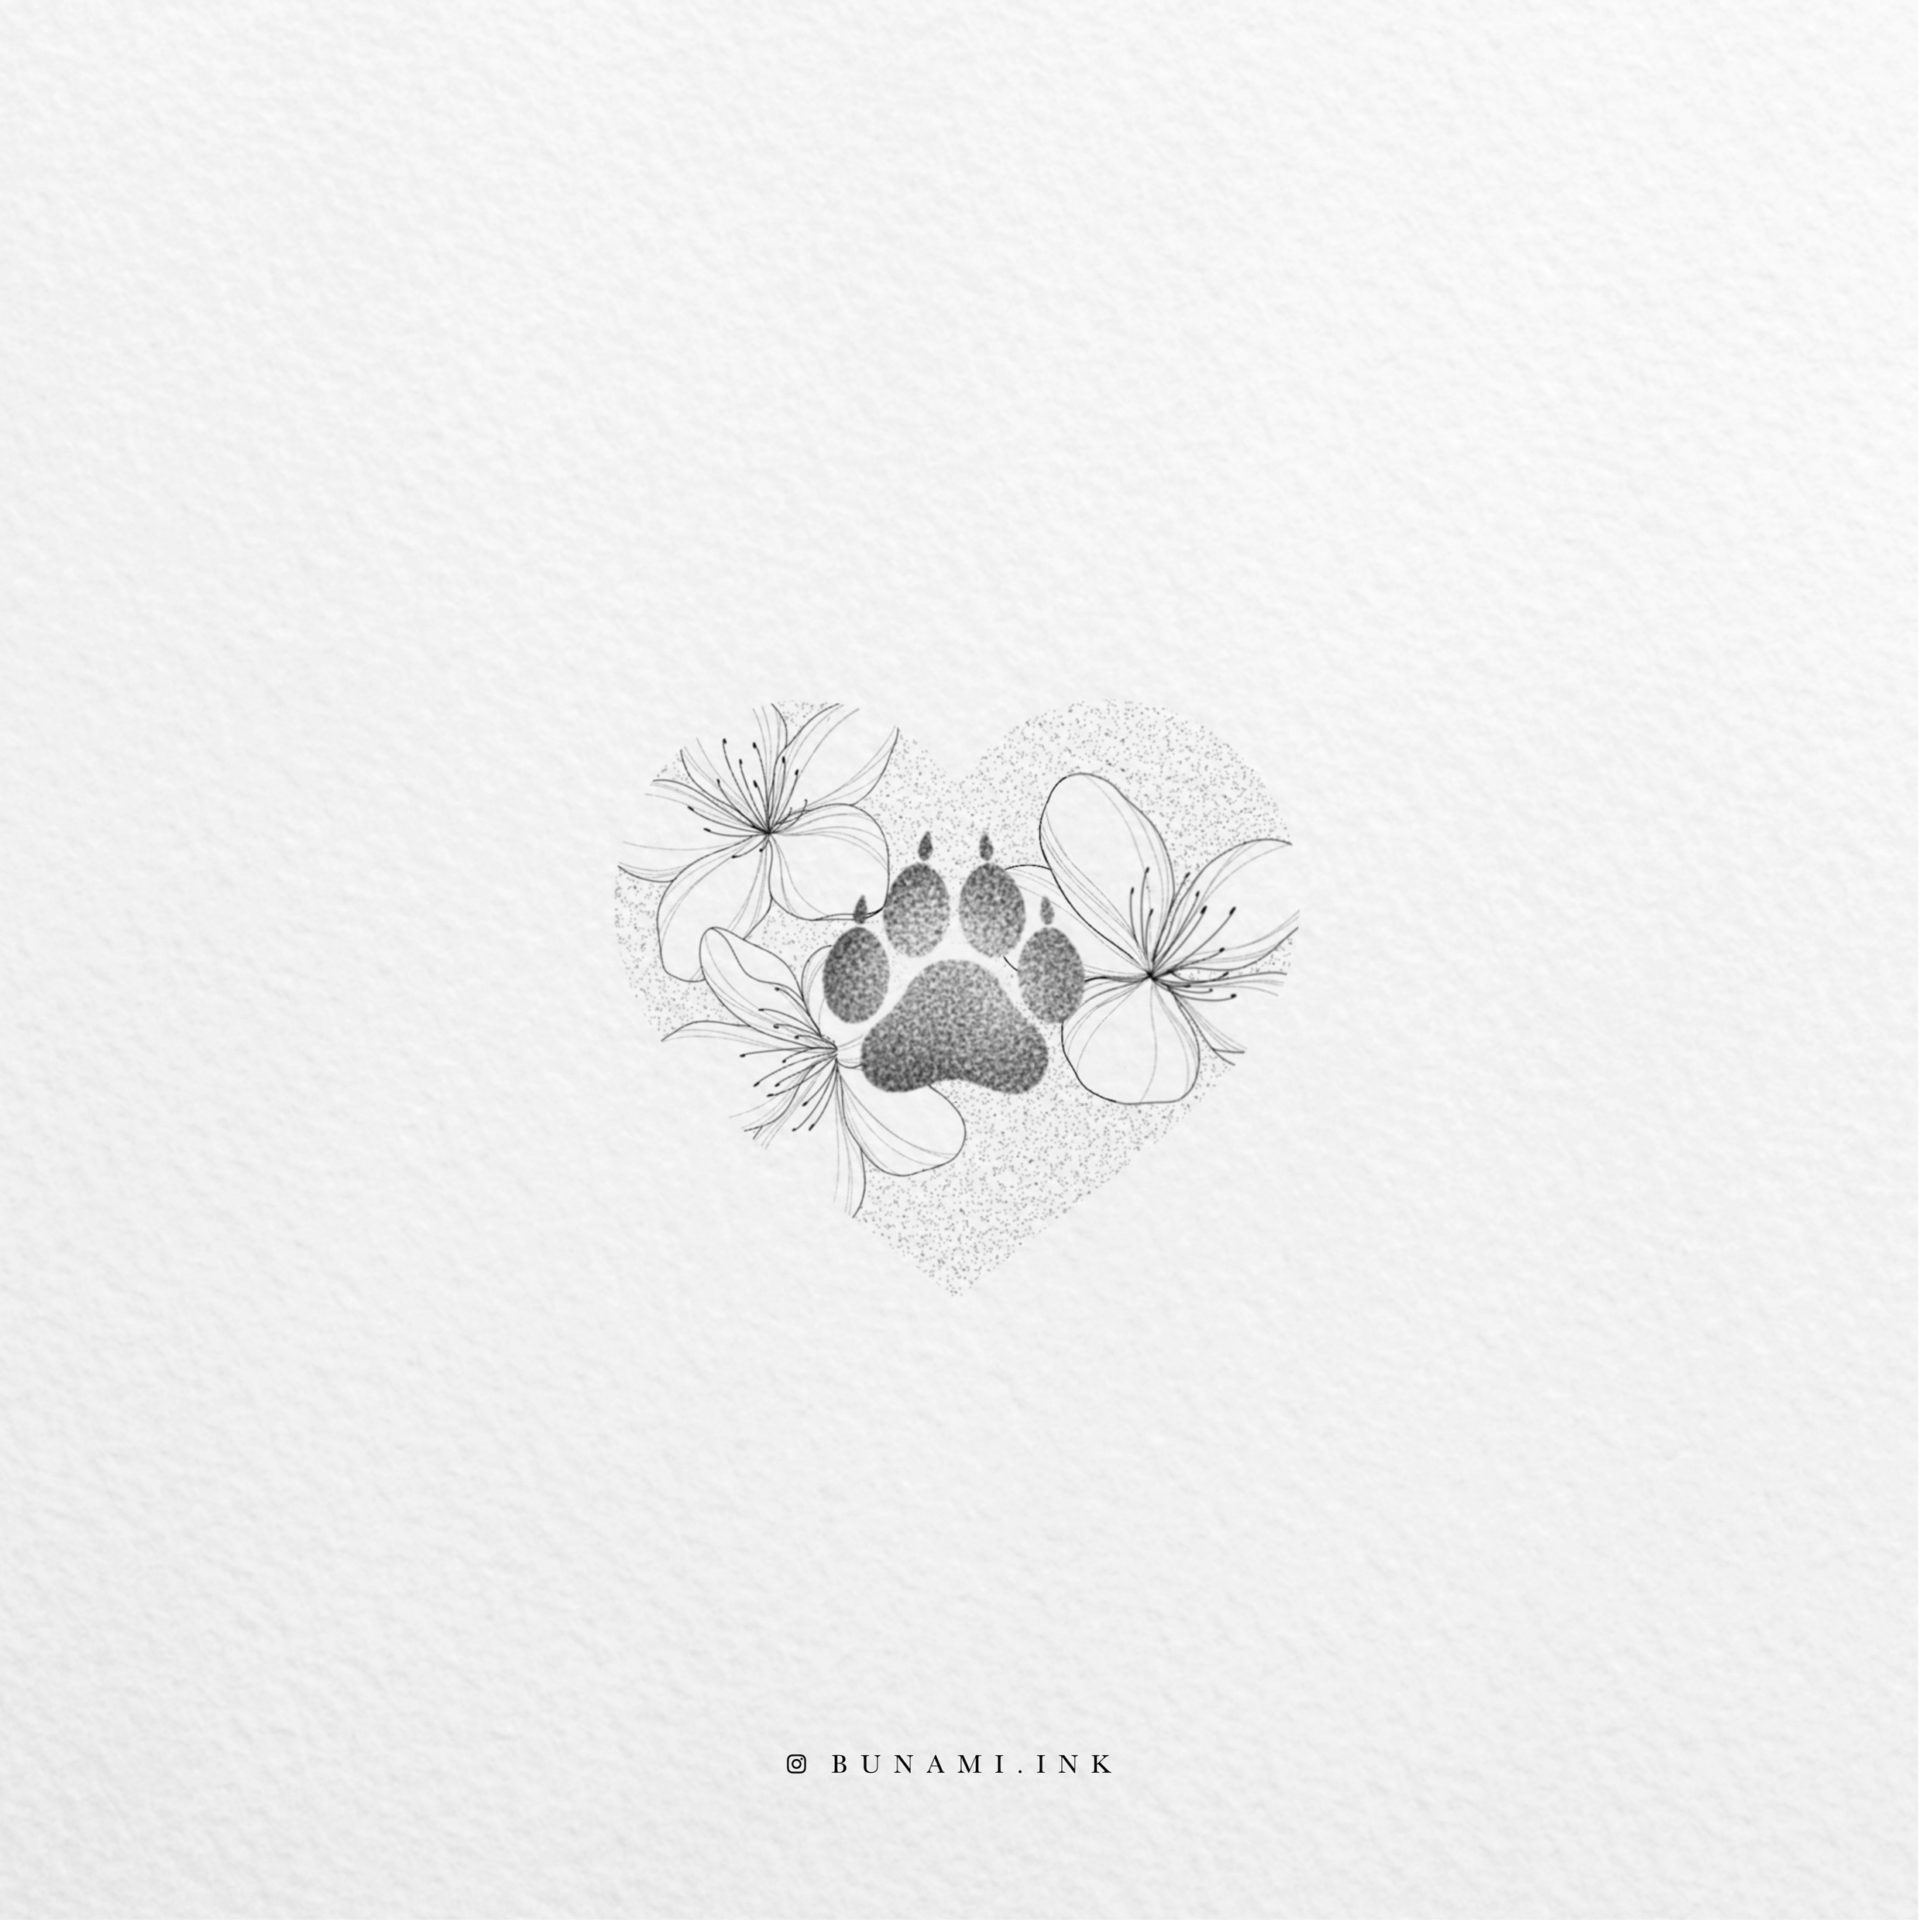 blossom-paw-love_2020-09-01